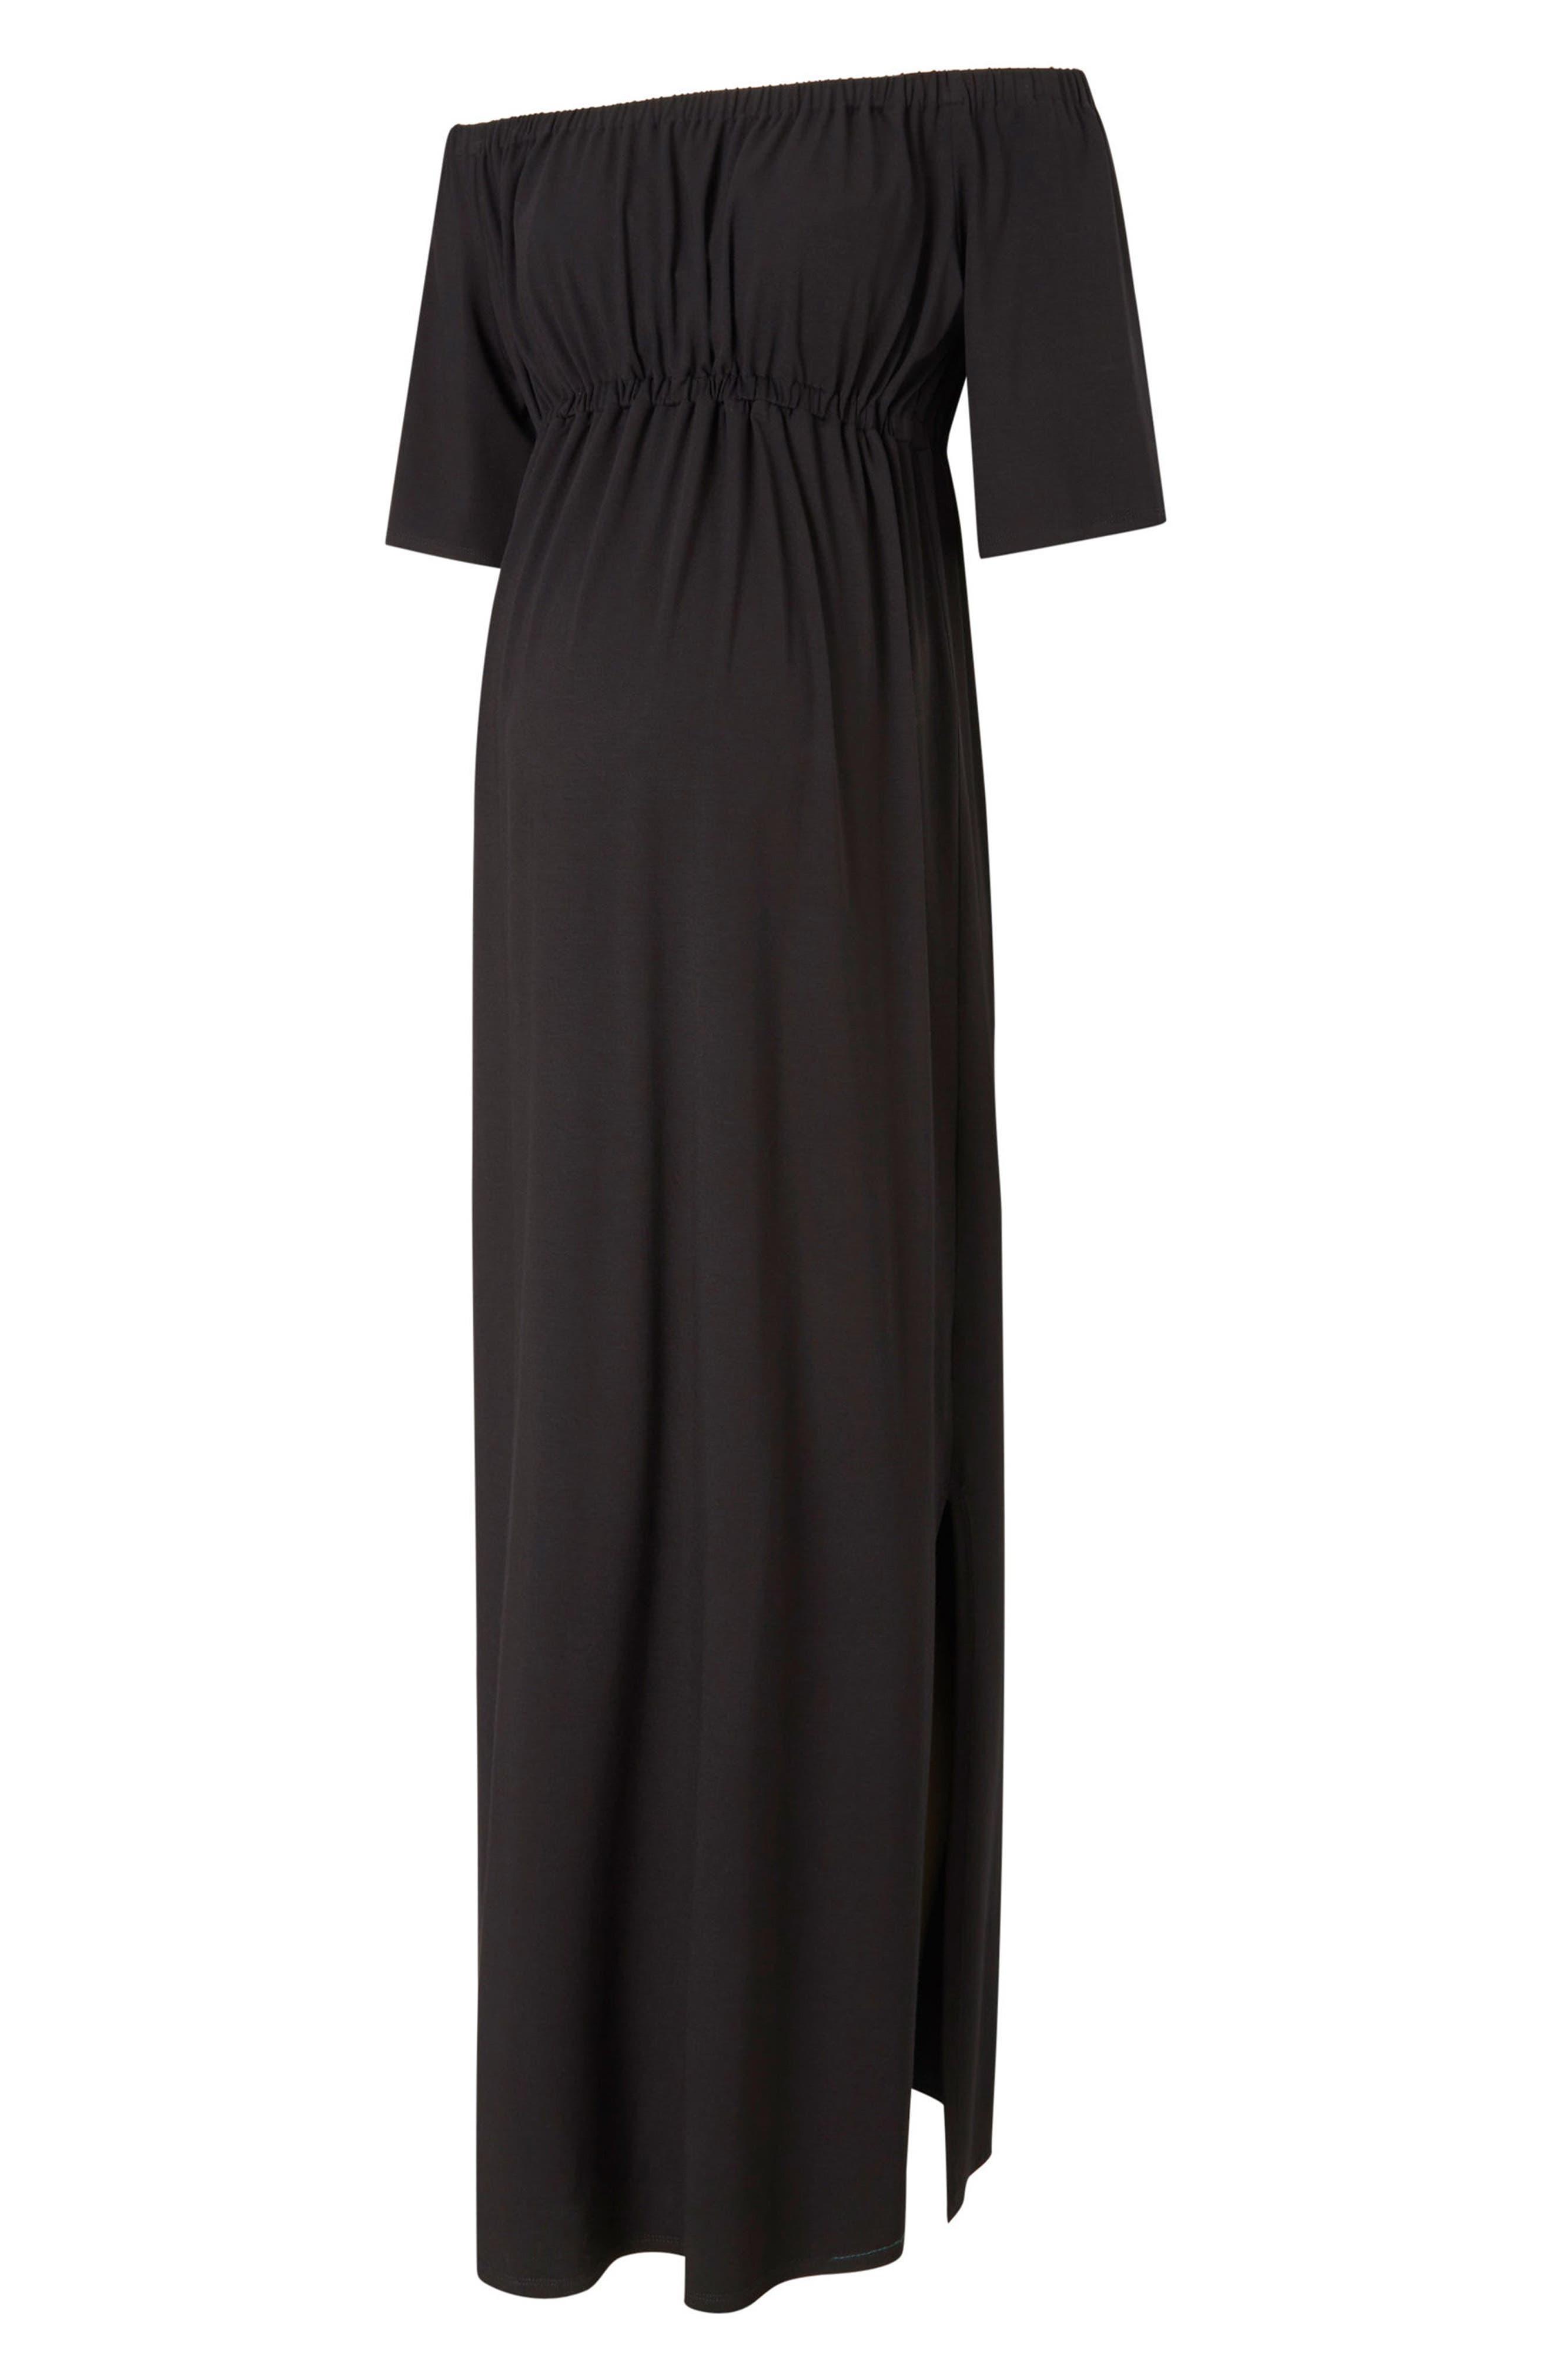 Kari Off the Shoulder Maternity Maxi Dress,                         Main,                         color, Caviar Black